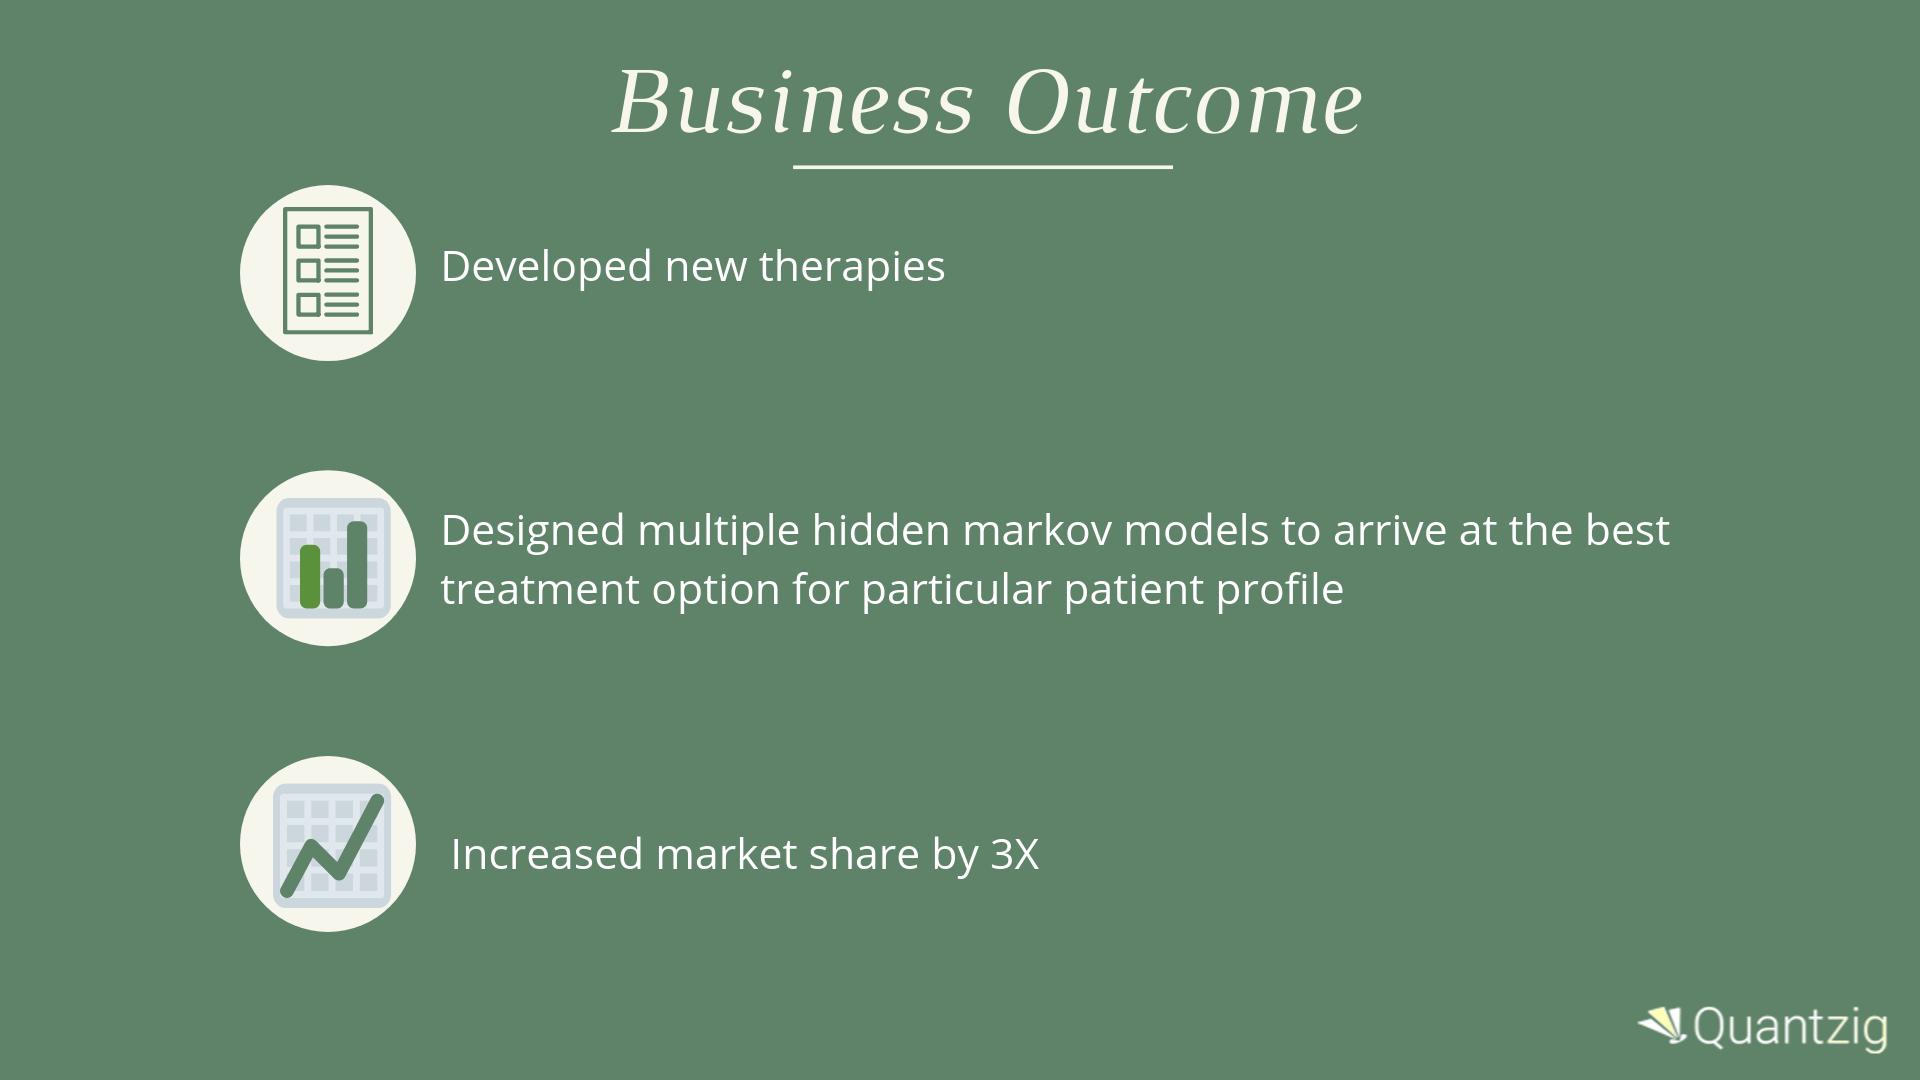 Business Outcome